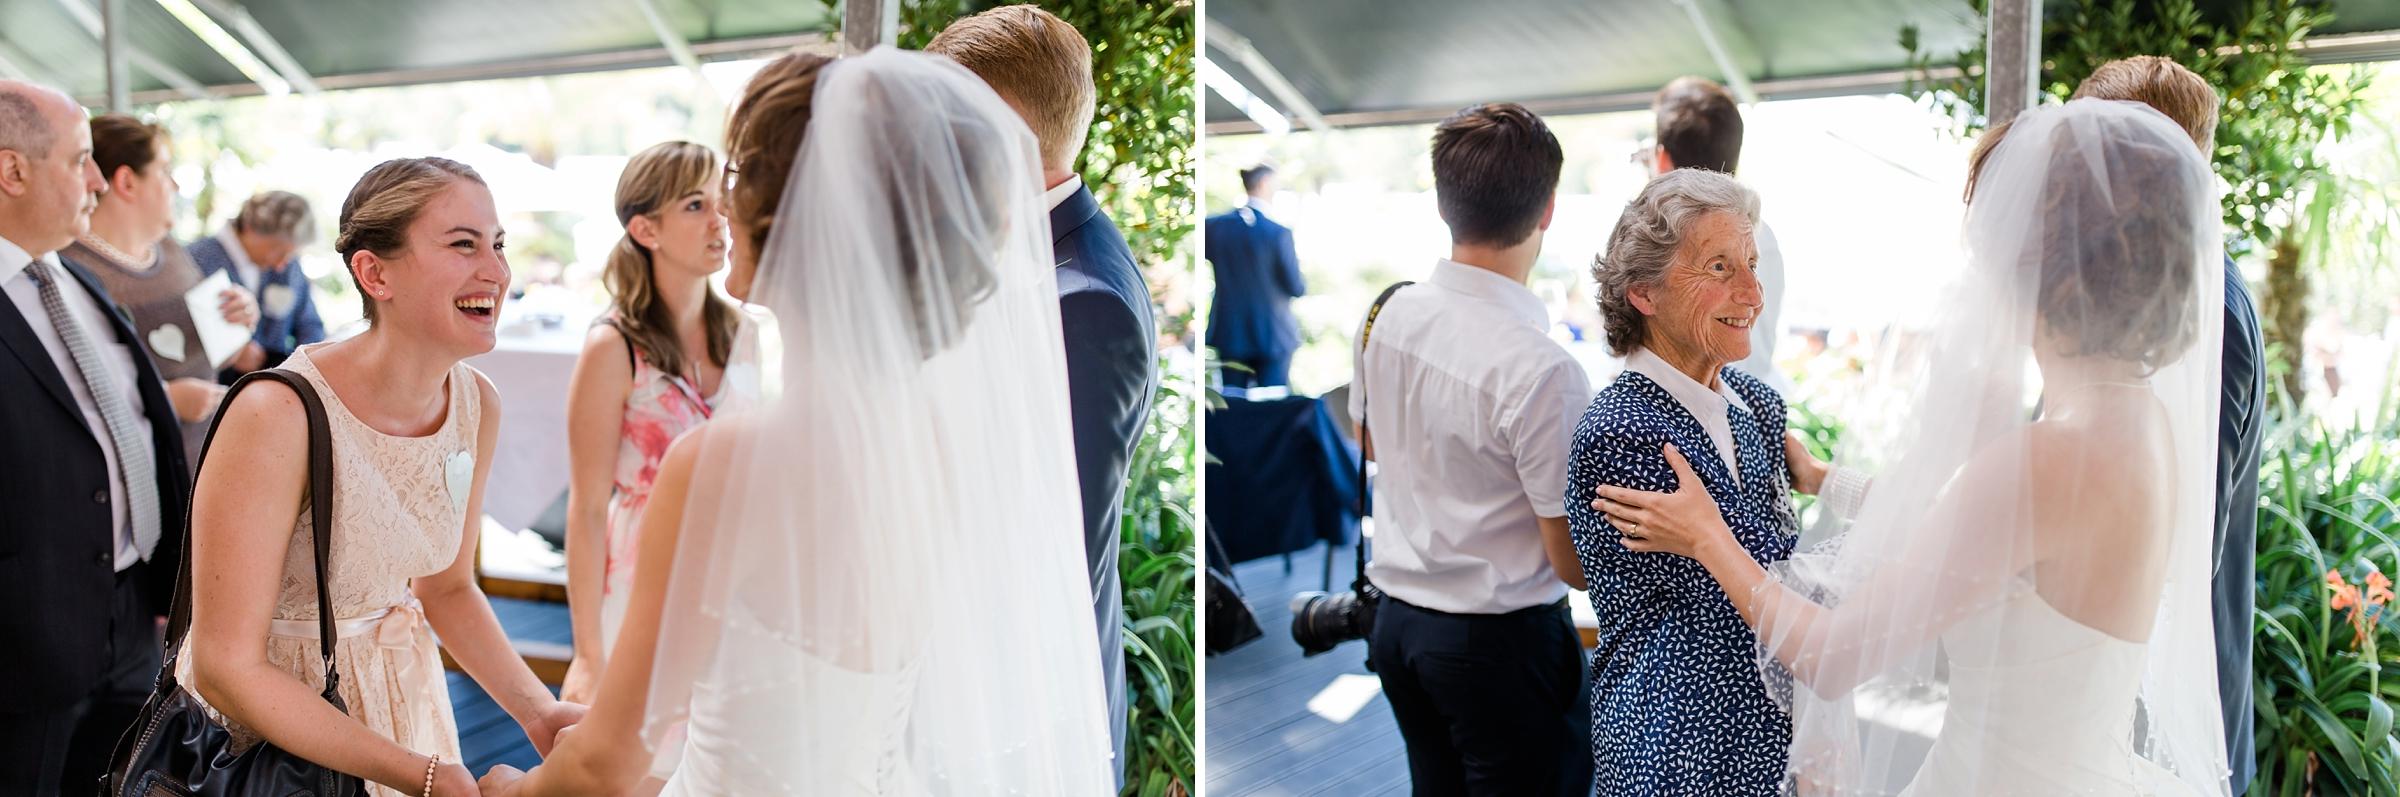 Hochzeitsreportage-Zuerich-Oma-Gaeste-freuen-sich-mit-Brautpaar-Giardino-Verde-Uitikon